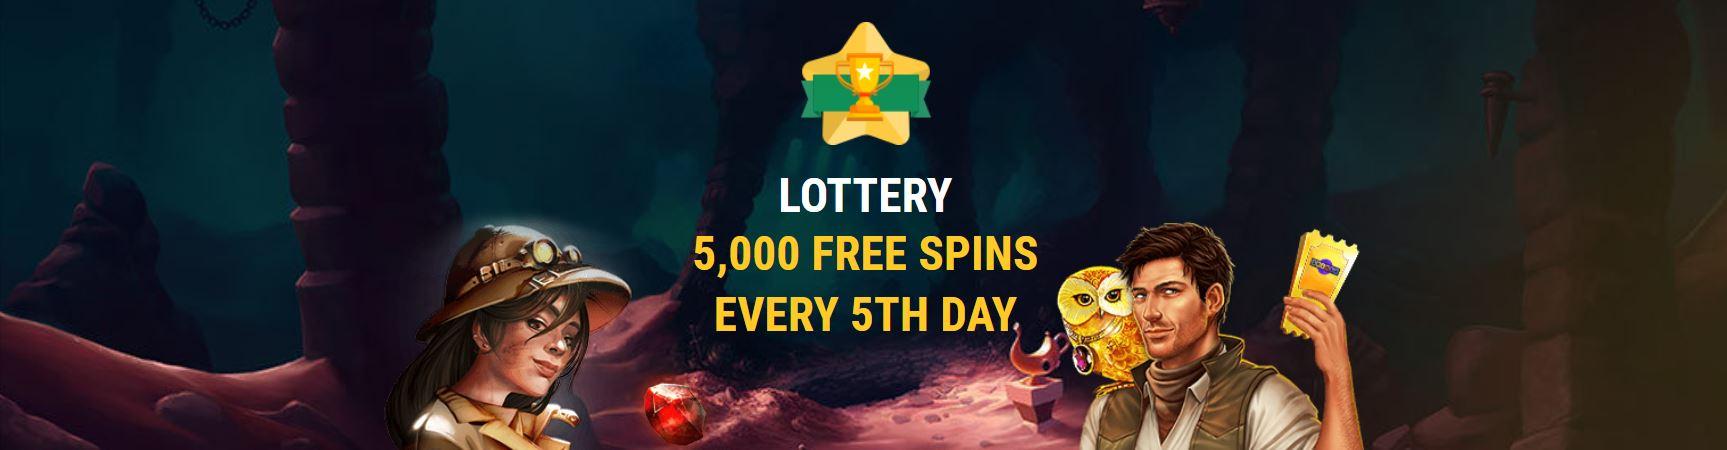 Deposit Lottery